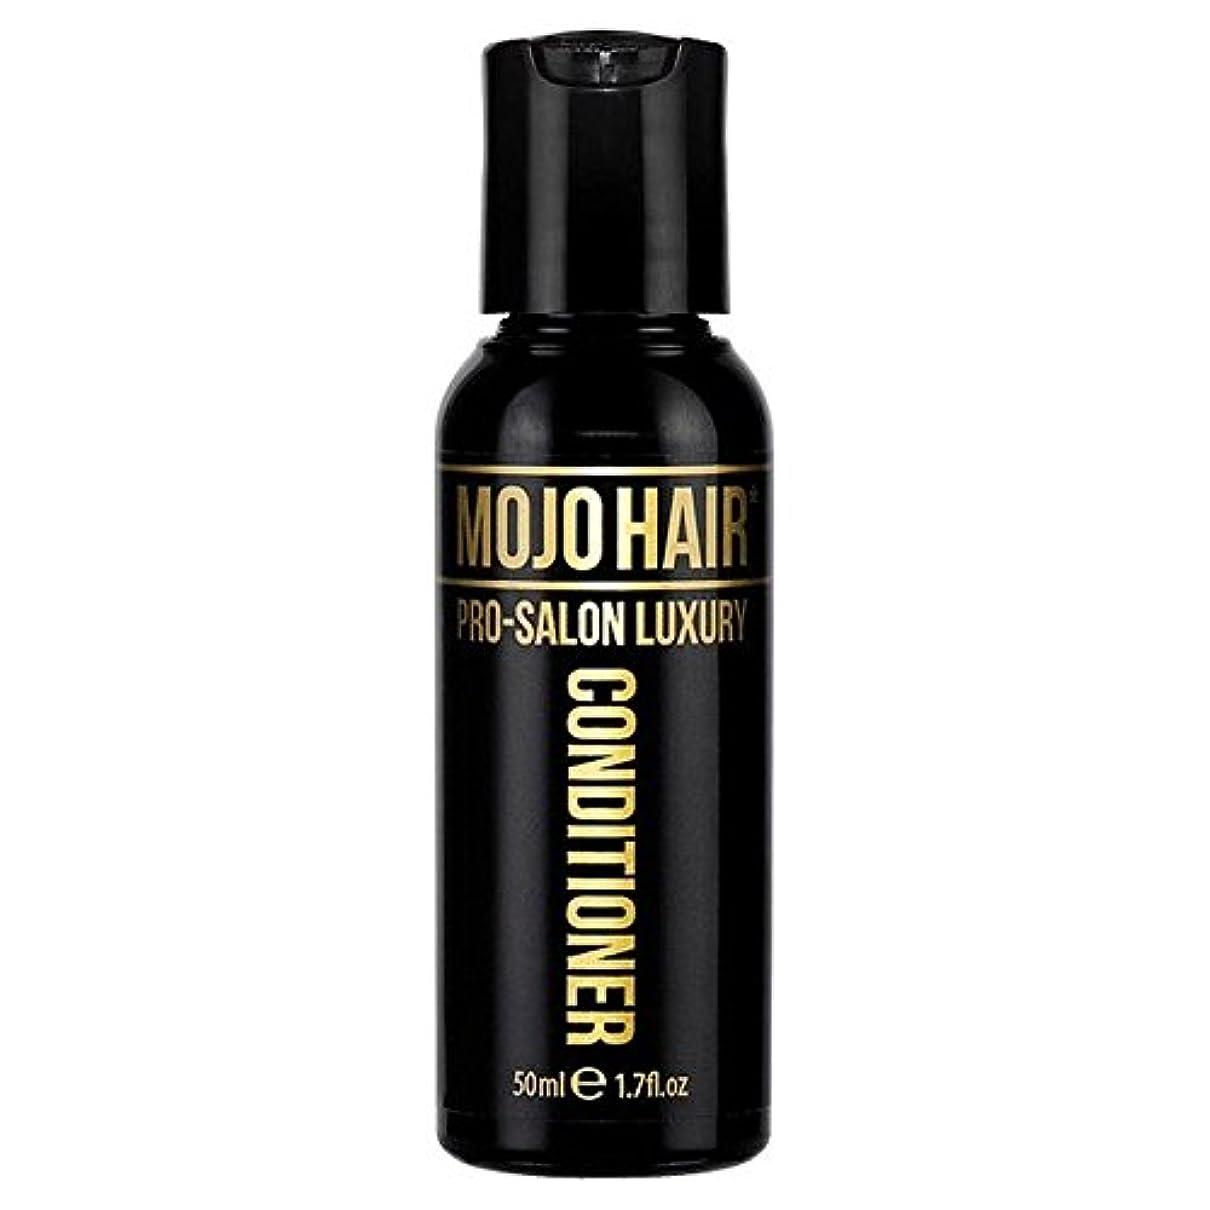 牛肉いたずらMOJO HAIR Pro-Salon Luxury Fragrance Conditioner for Men, Travel Size 50ml - 男性のためのモジョの毛プロのサロンの贅沢な香りコンディショナー、トラベルサイズ...